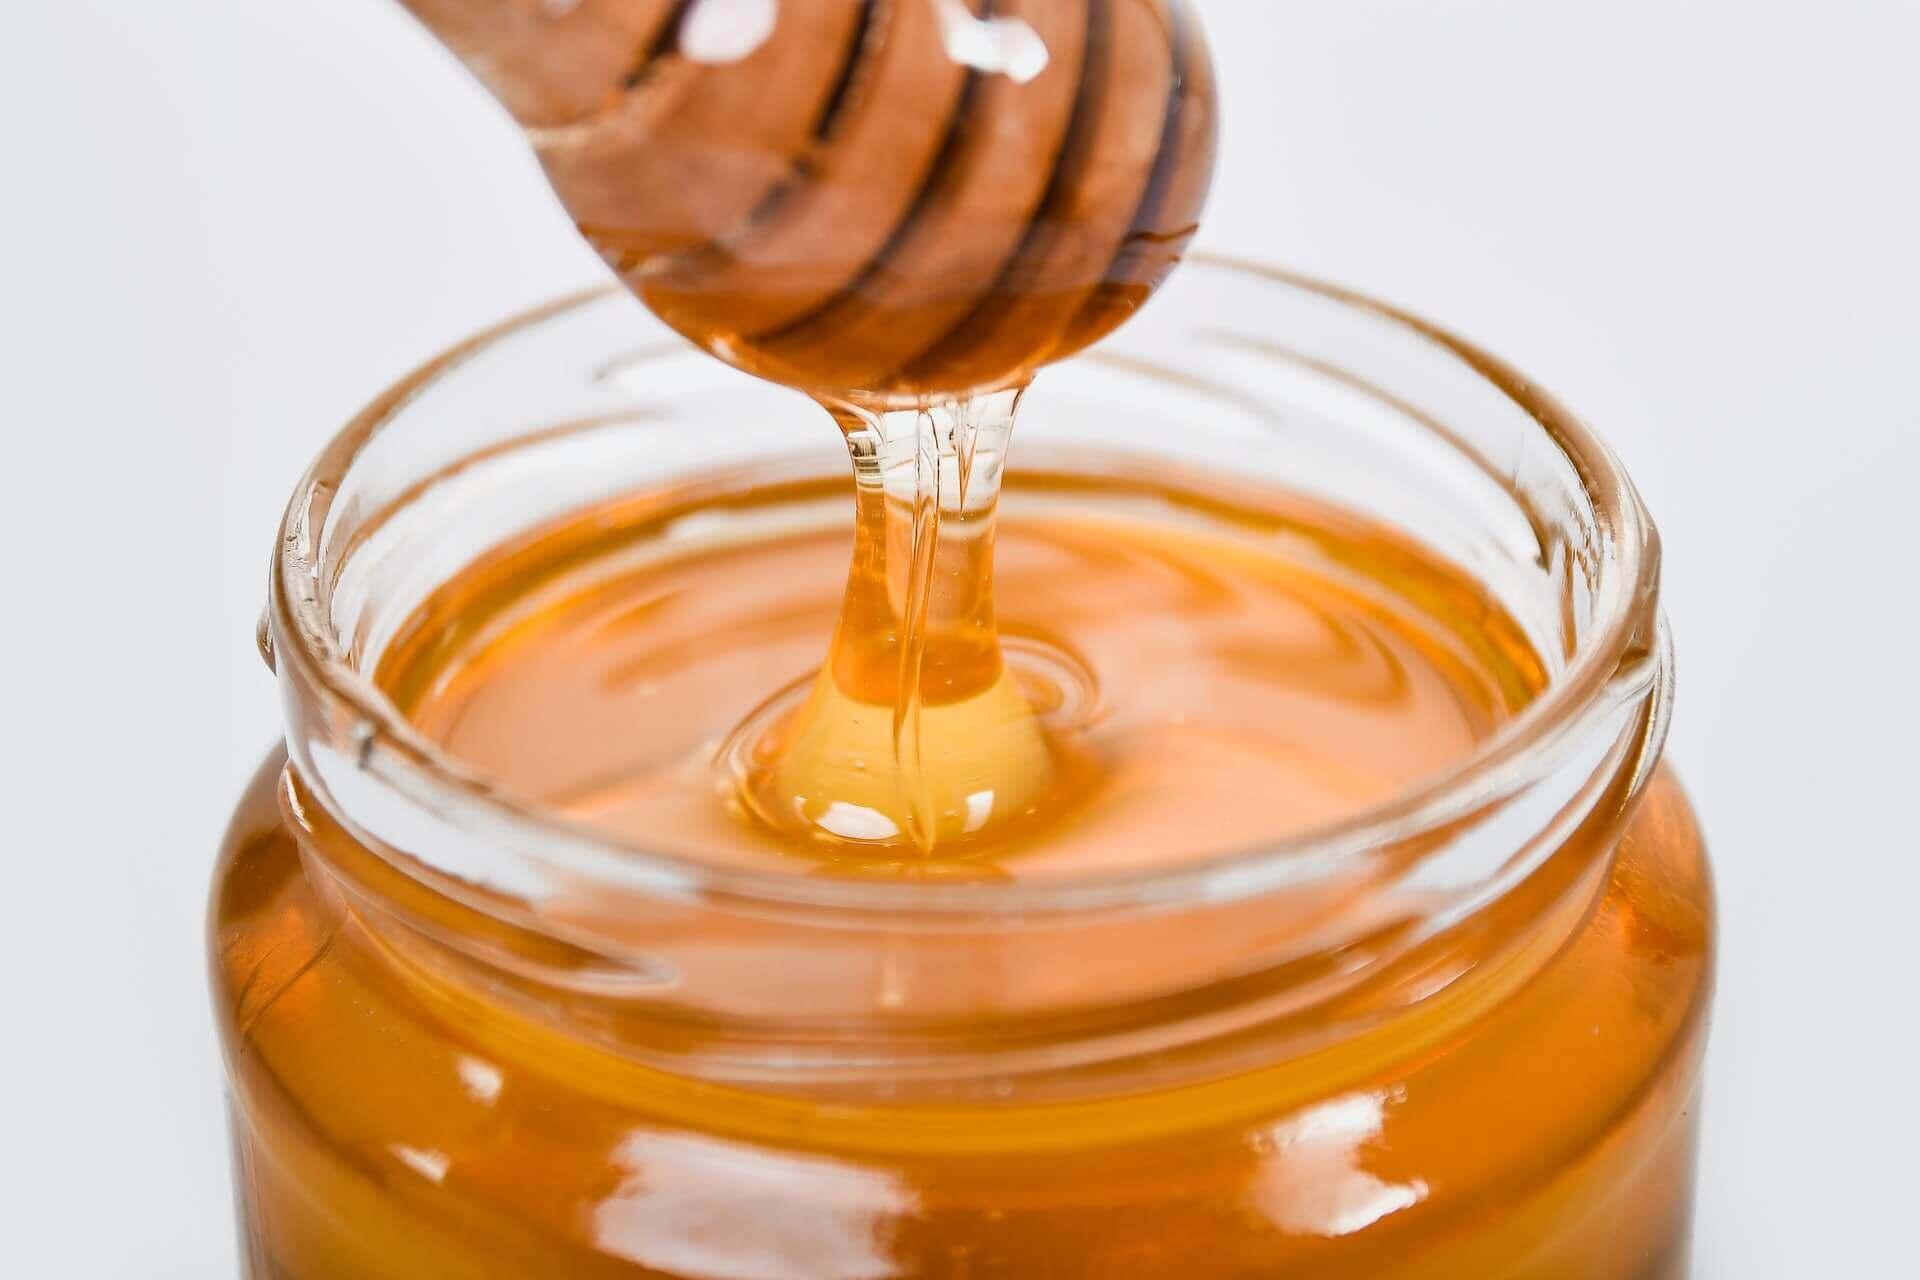 O mel faz parte de uma dieta carnívora?